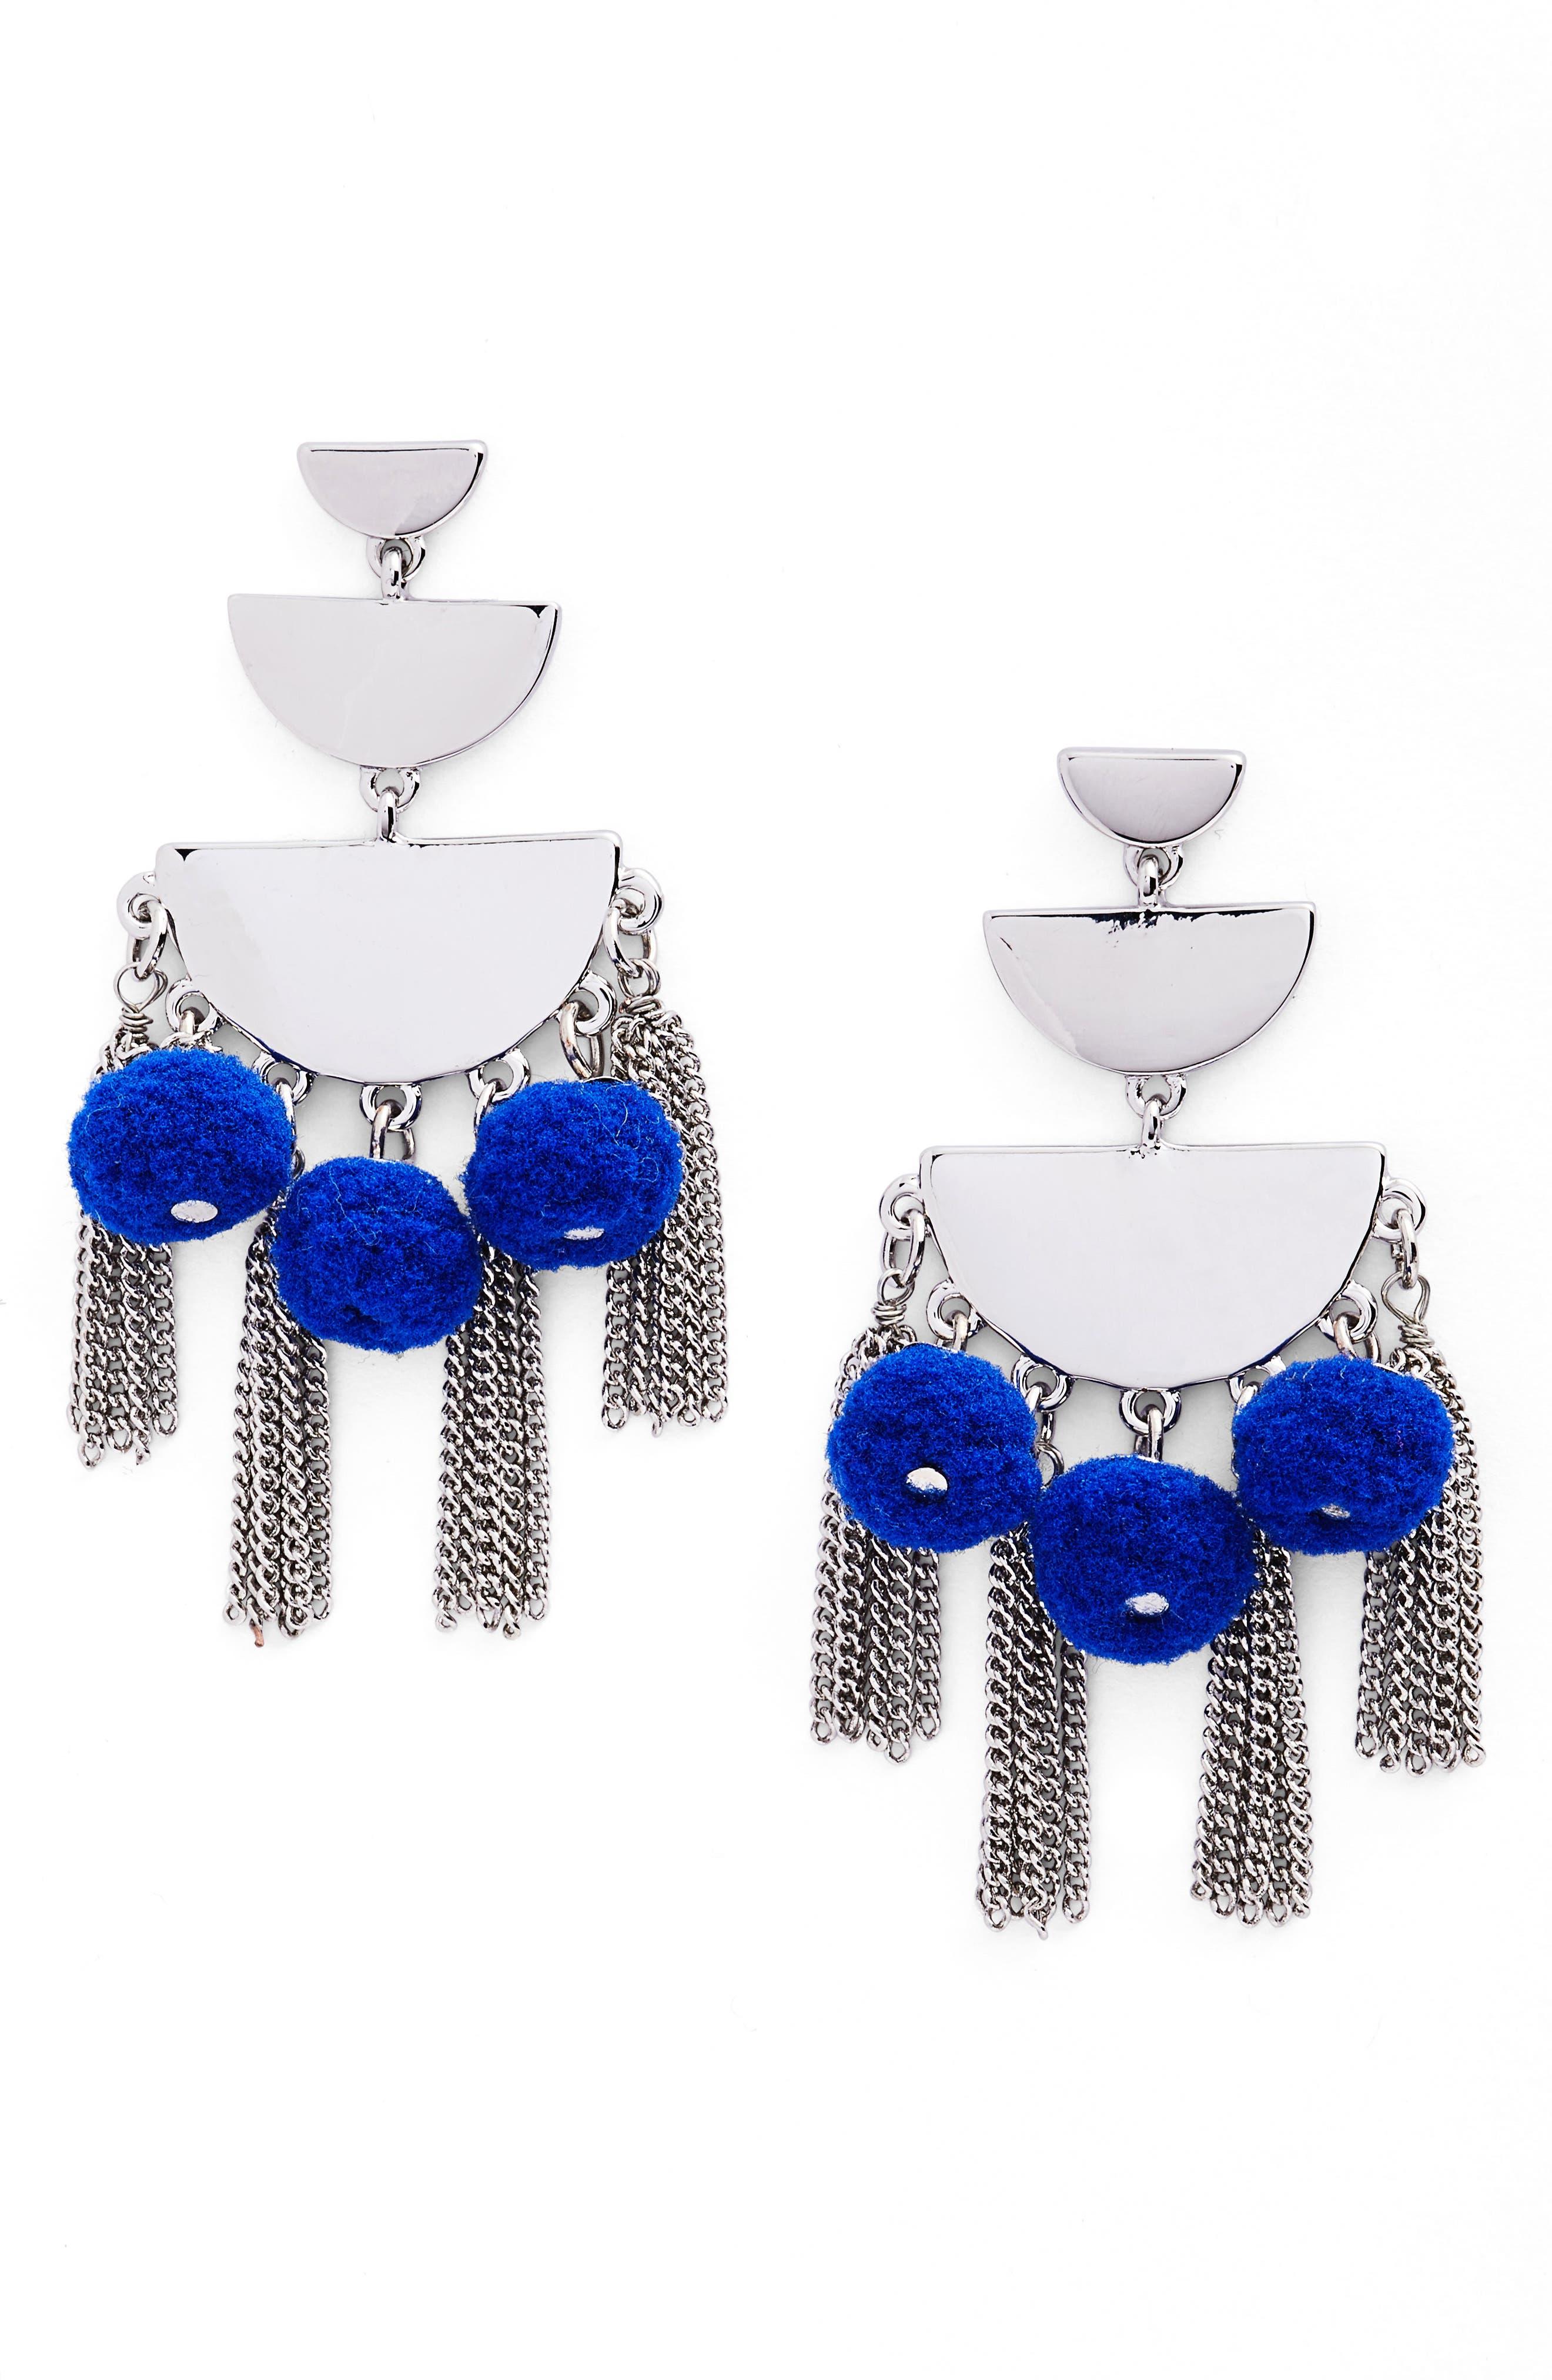 Triple Tier Chandelier Earrings,                         Main,                         color, 400